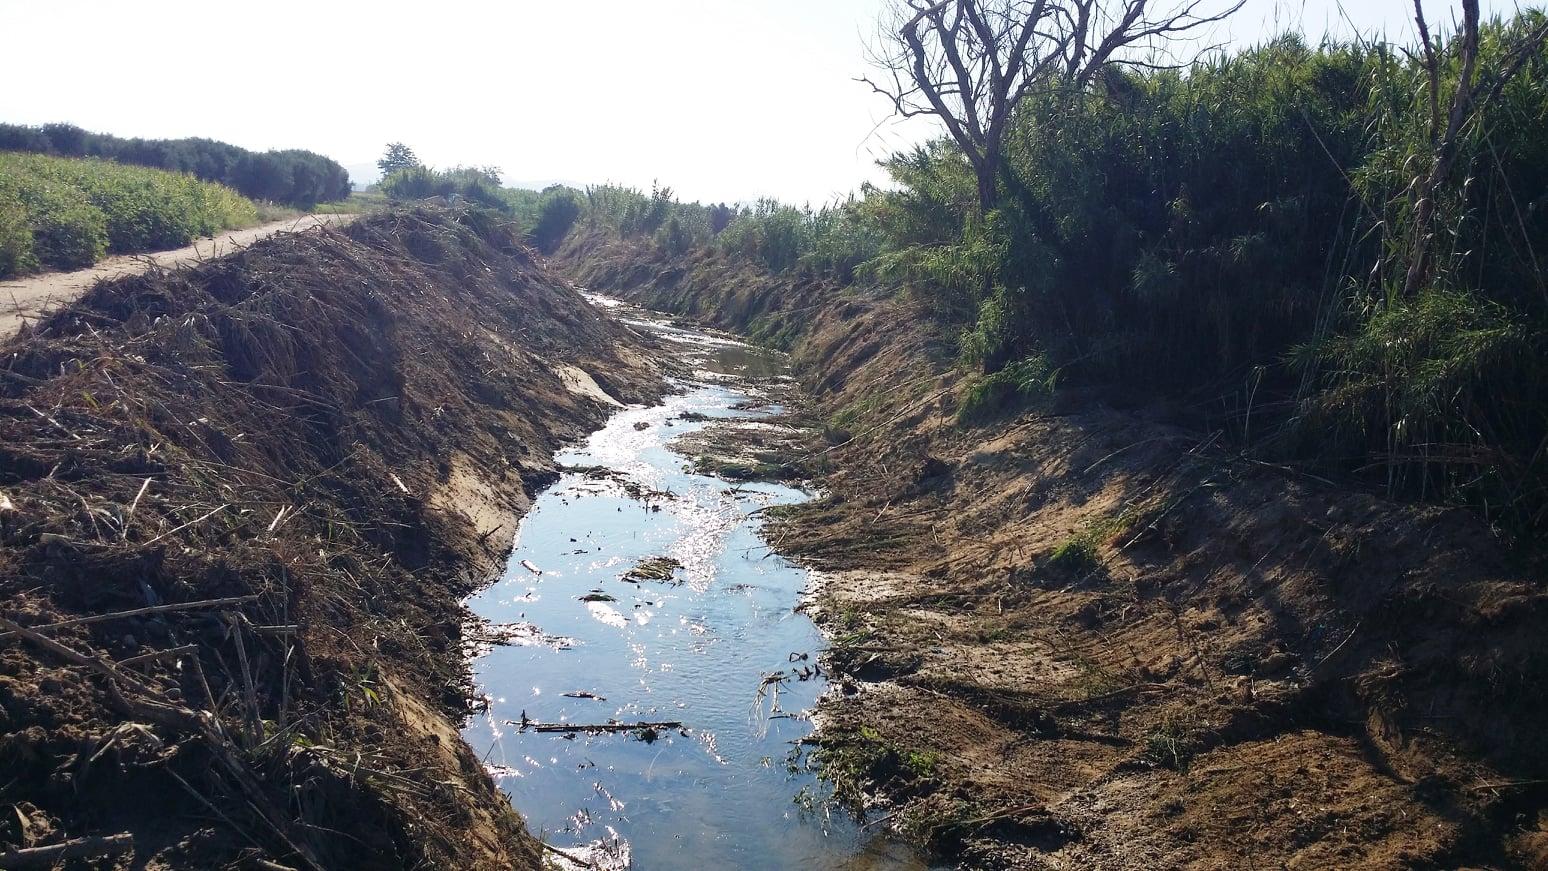 ΠΔΕ: Σε πλήρη εξέλιξη οι αντιπλημμυρικές παρεμβάσεις της Περιφέρειας στην Π.Ε. Ηλείας (photos)